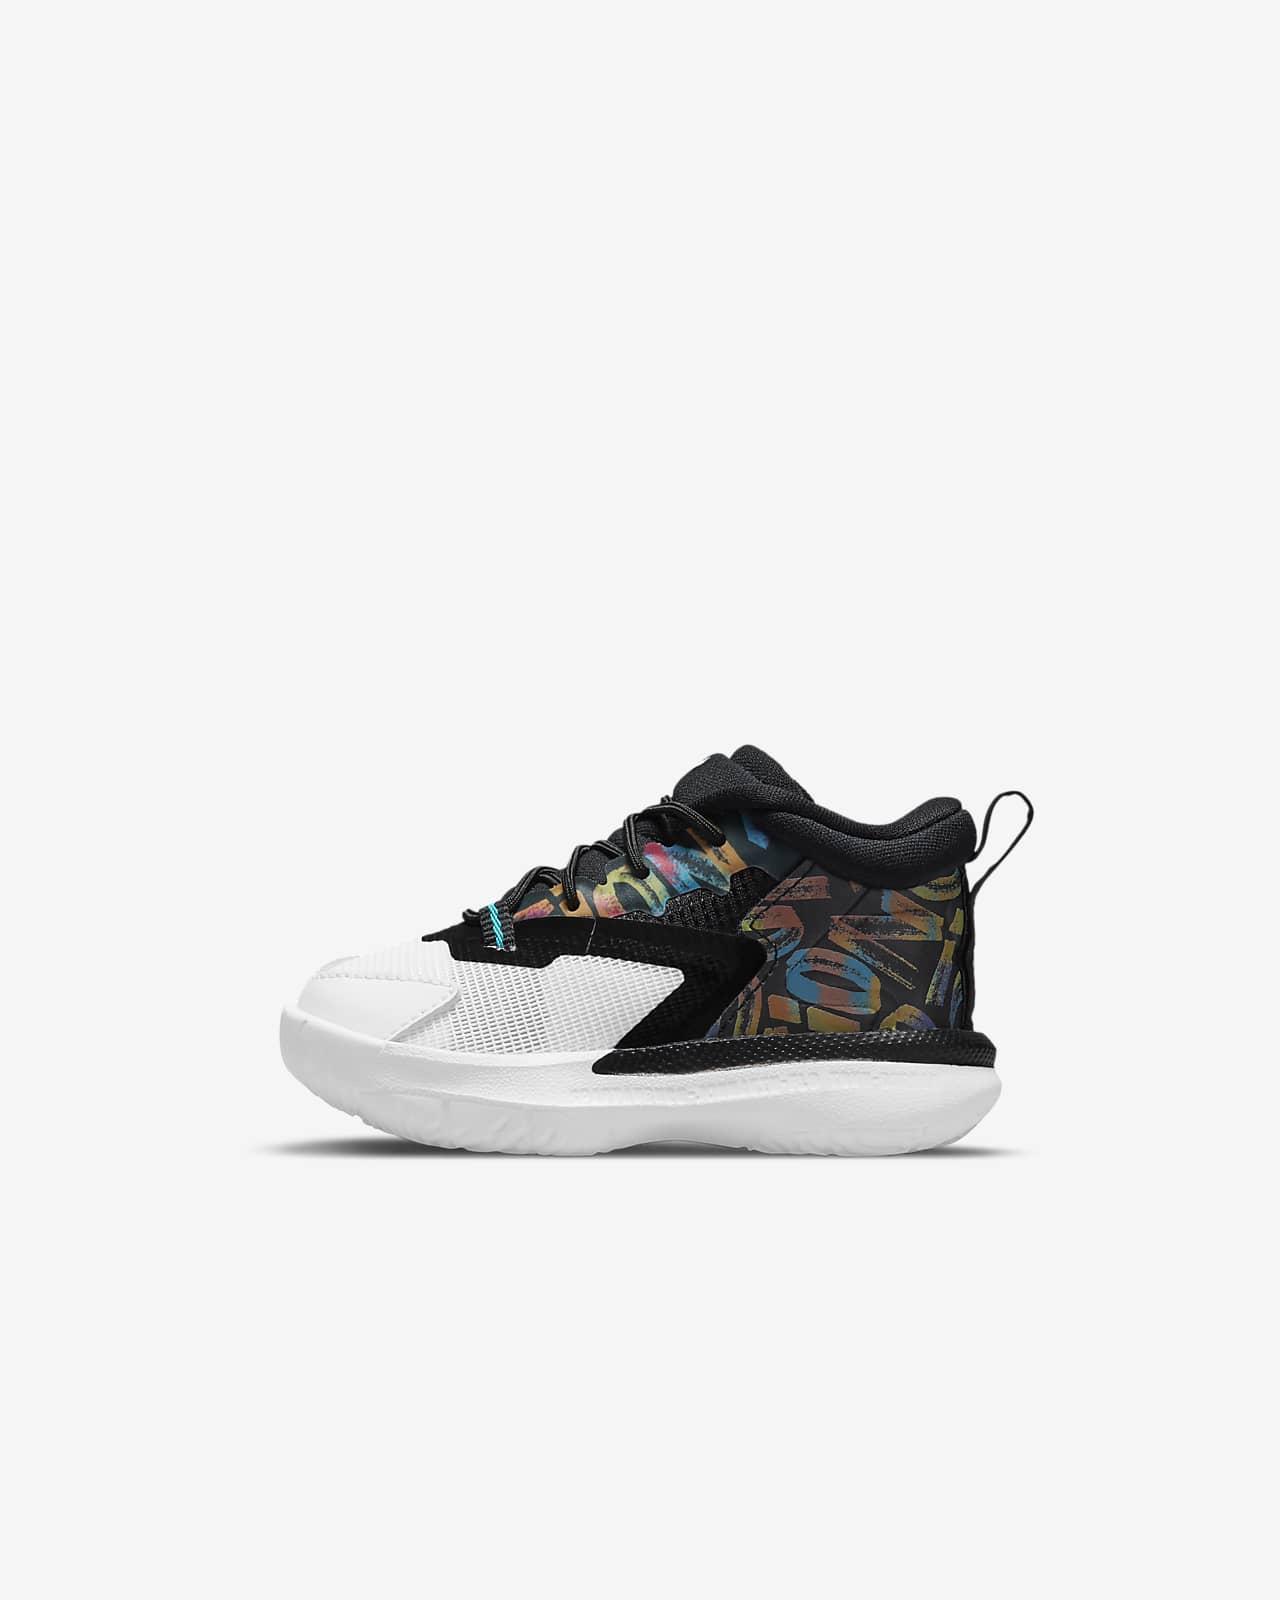 Zion 1 cipő babáknak